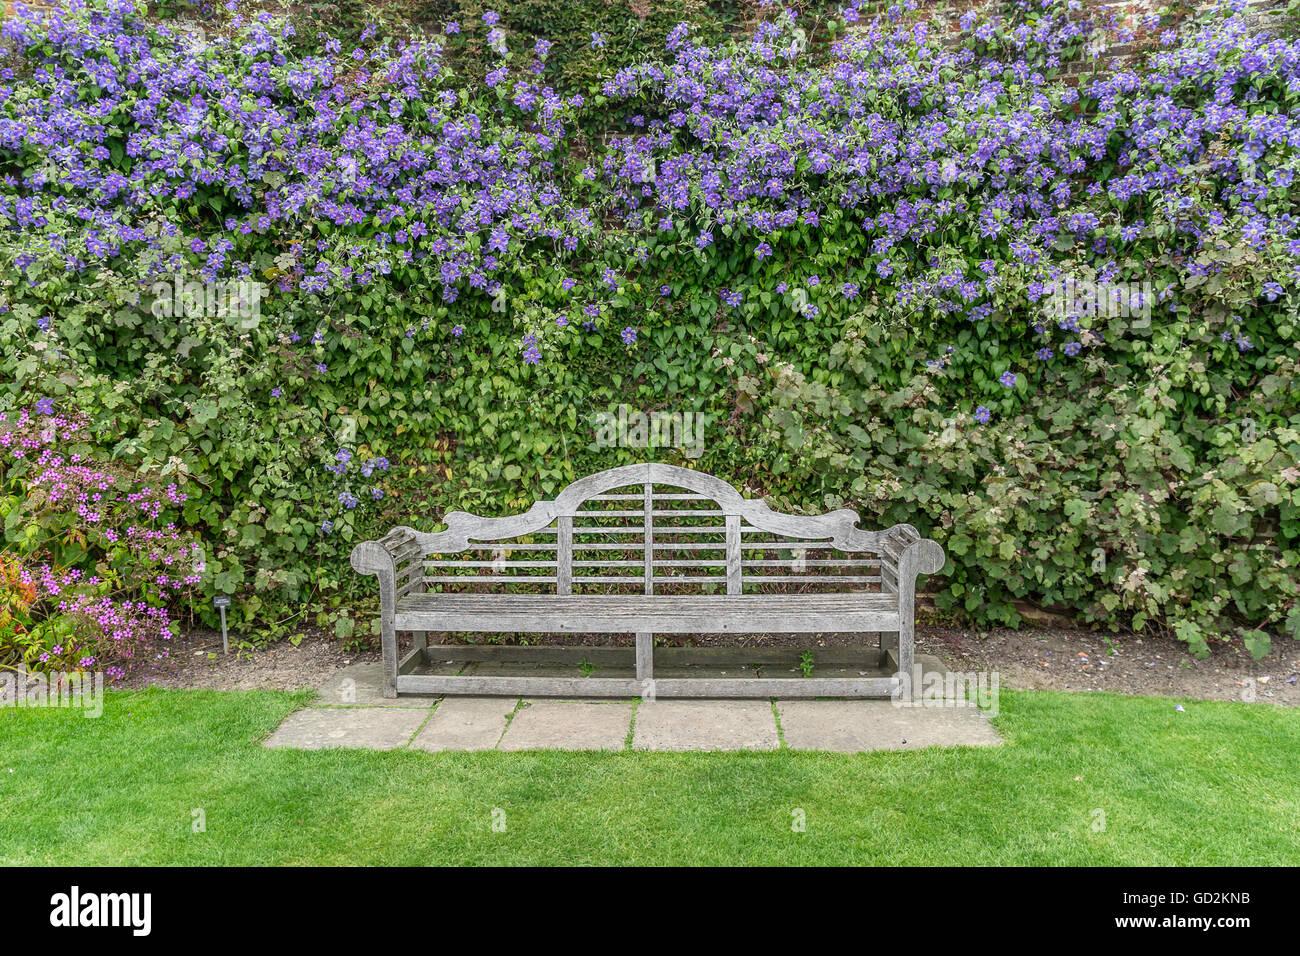 Sissinghurst Castle gardens - Stock Image